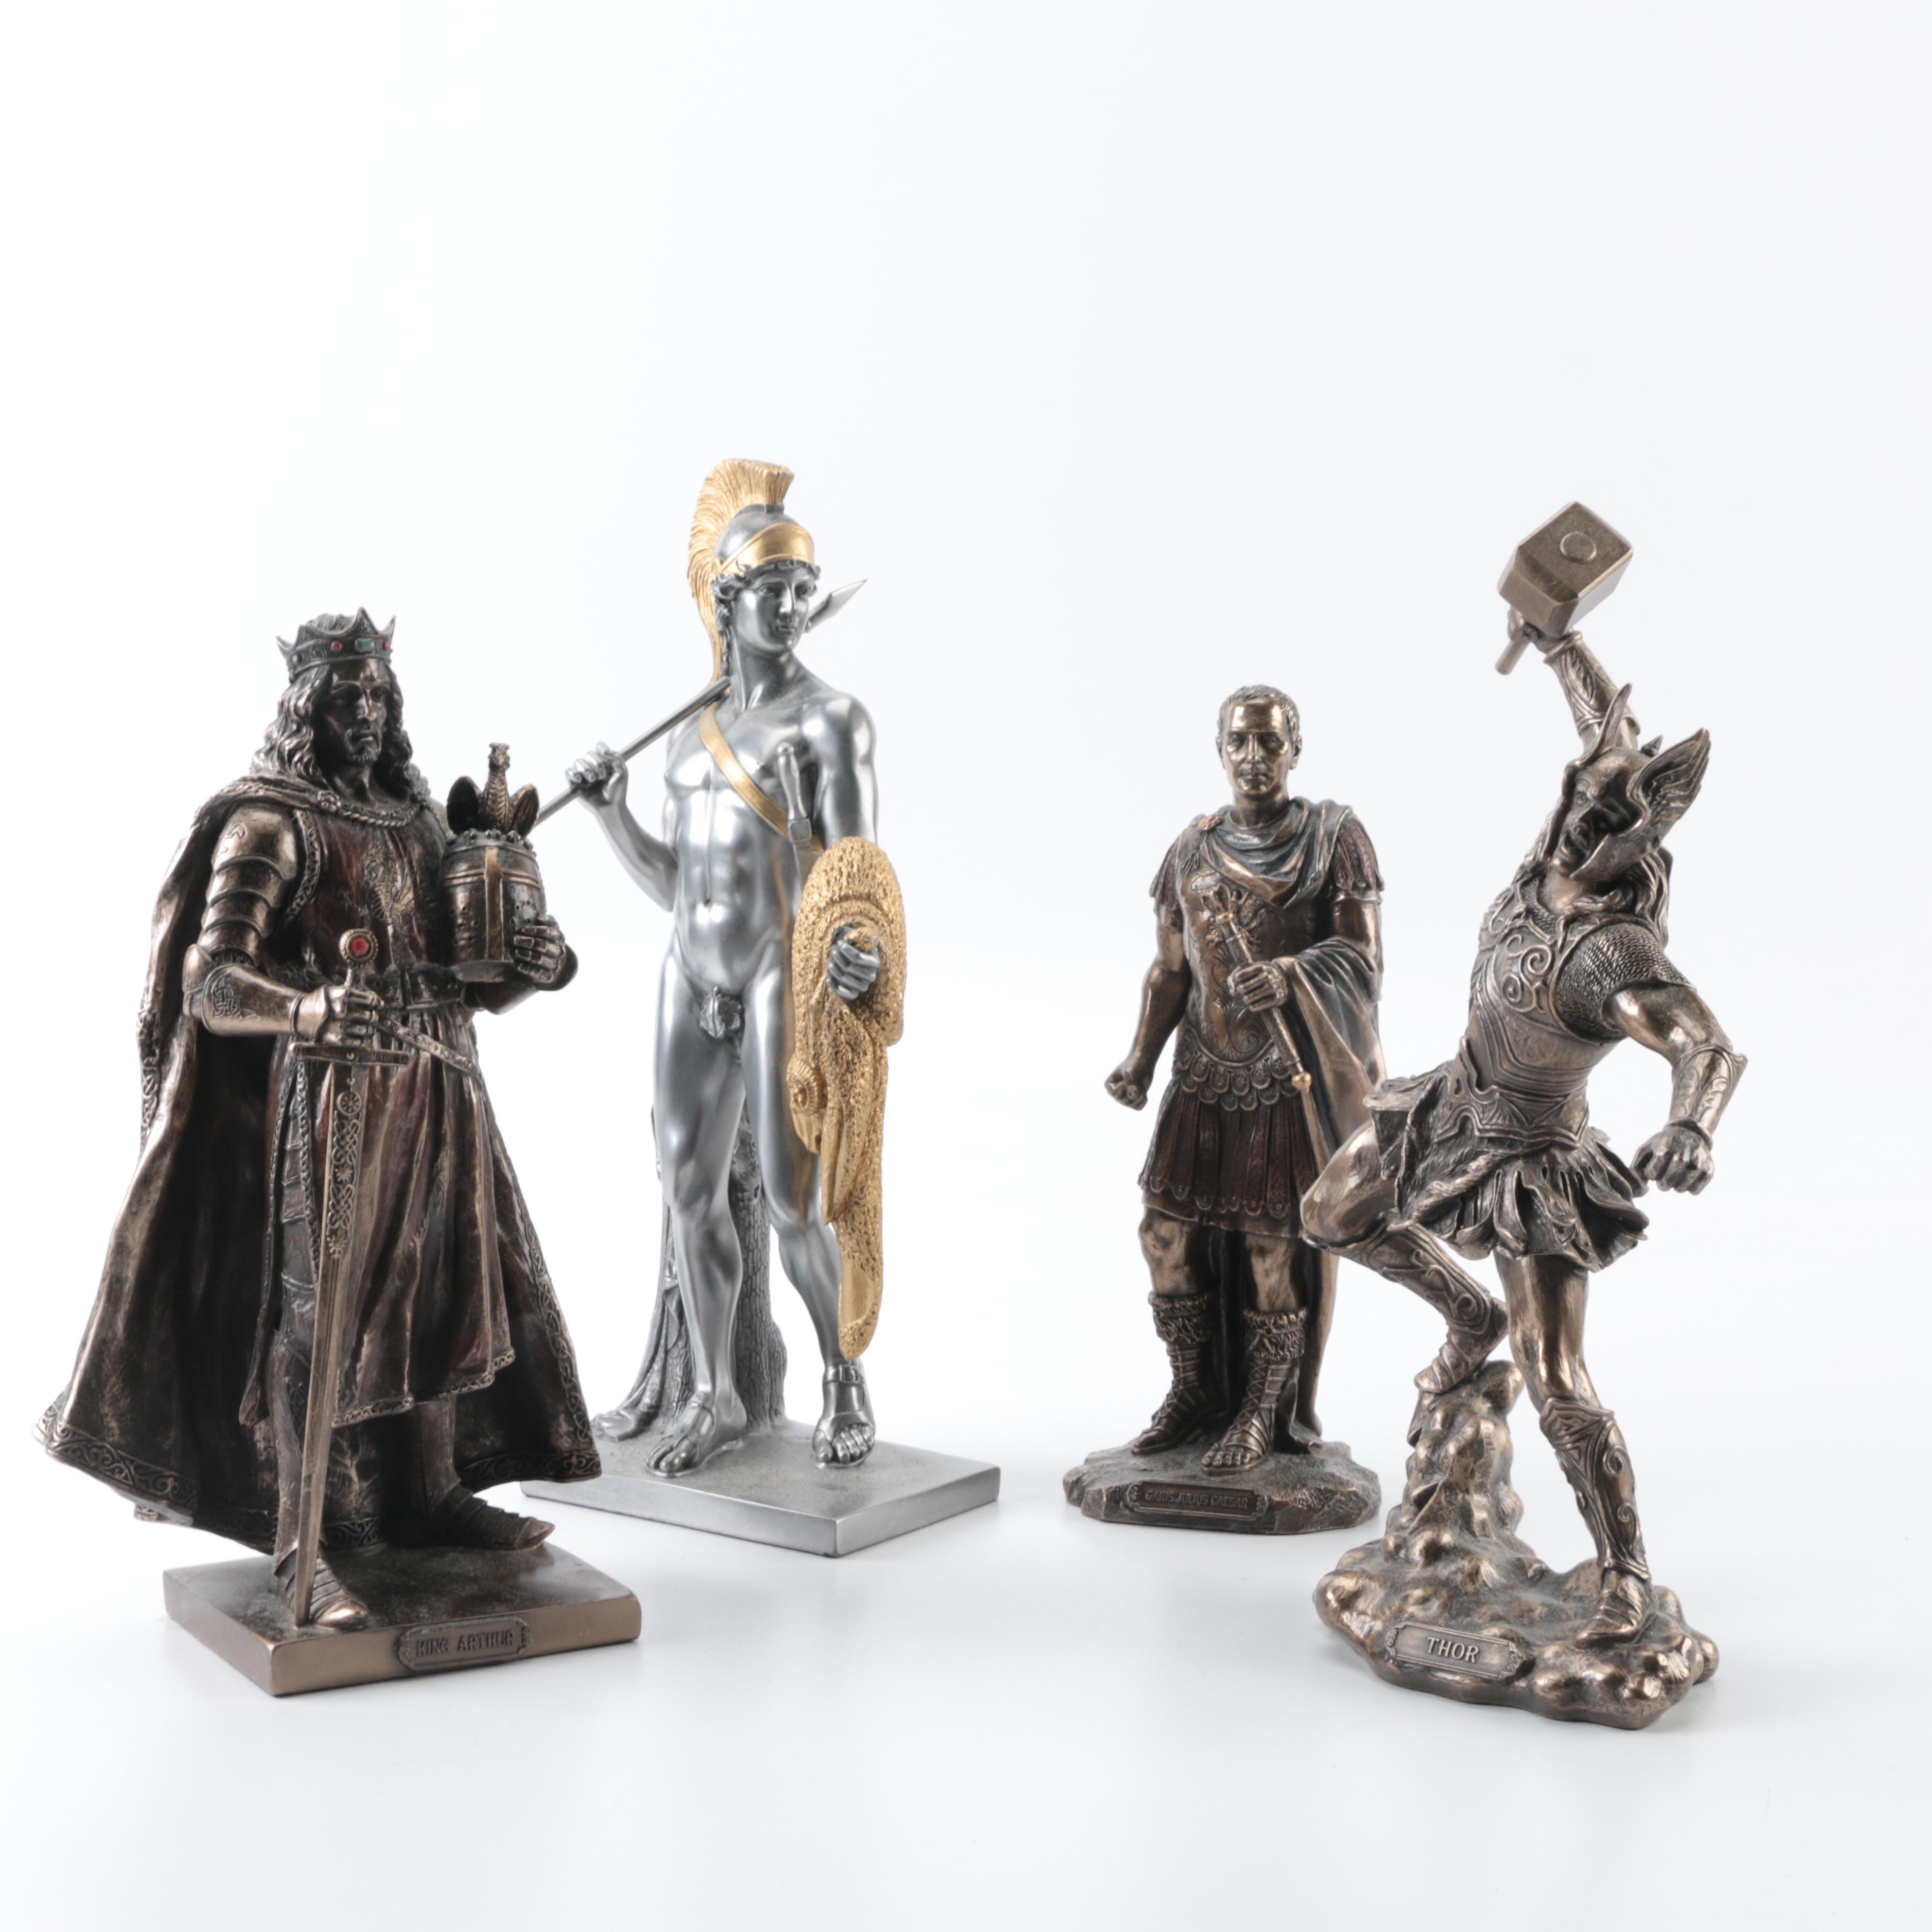 Veronese Bronze and Metal Resin Sculptures